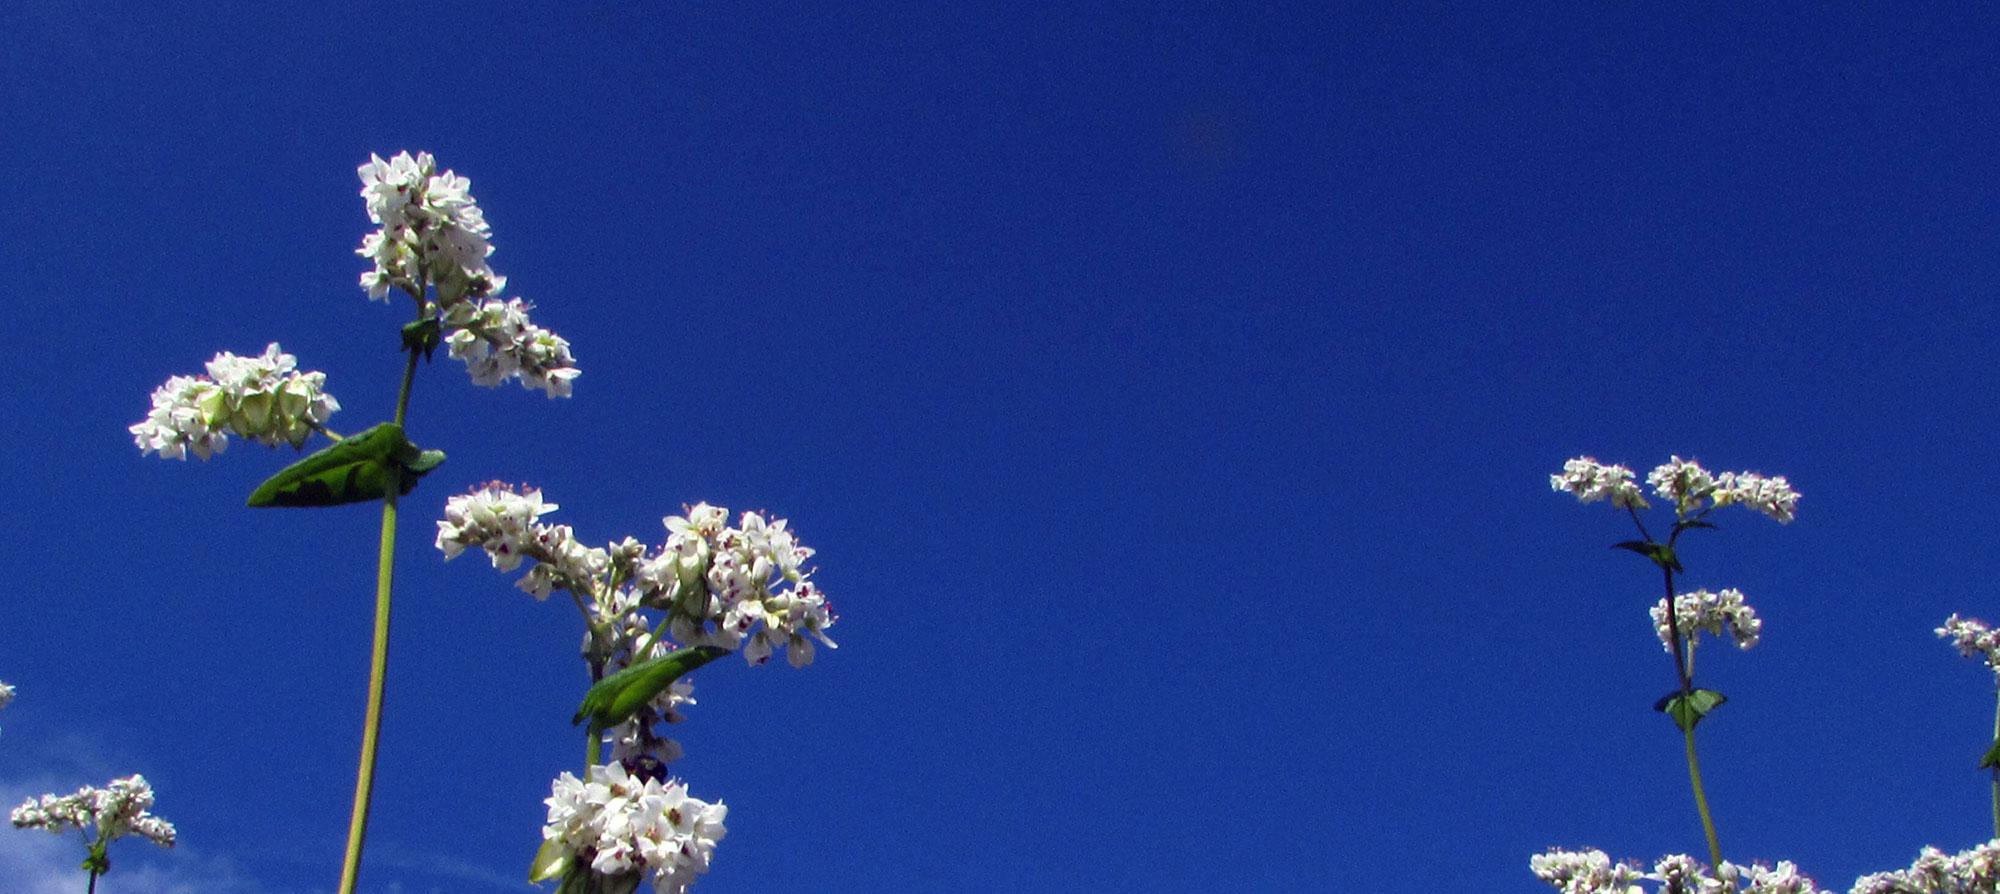 カガセイフンのそば粉は自然環境に最大限の配慮をしながら作られています